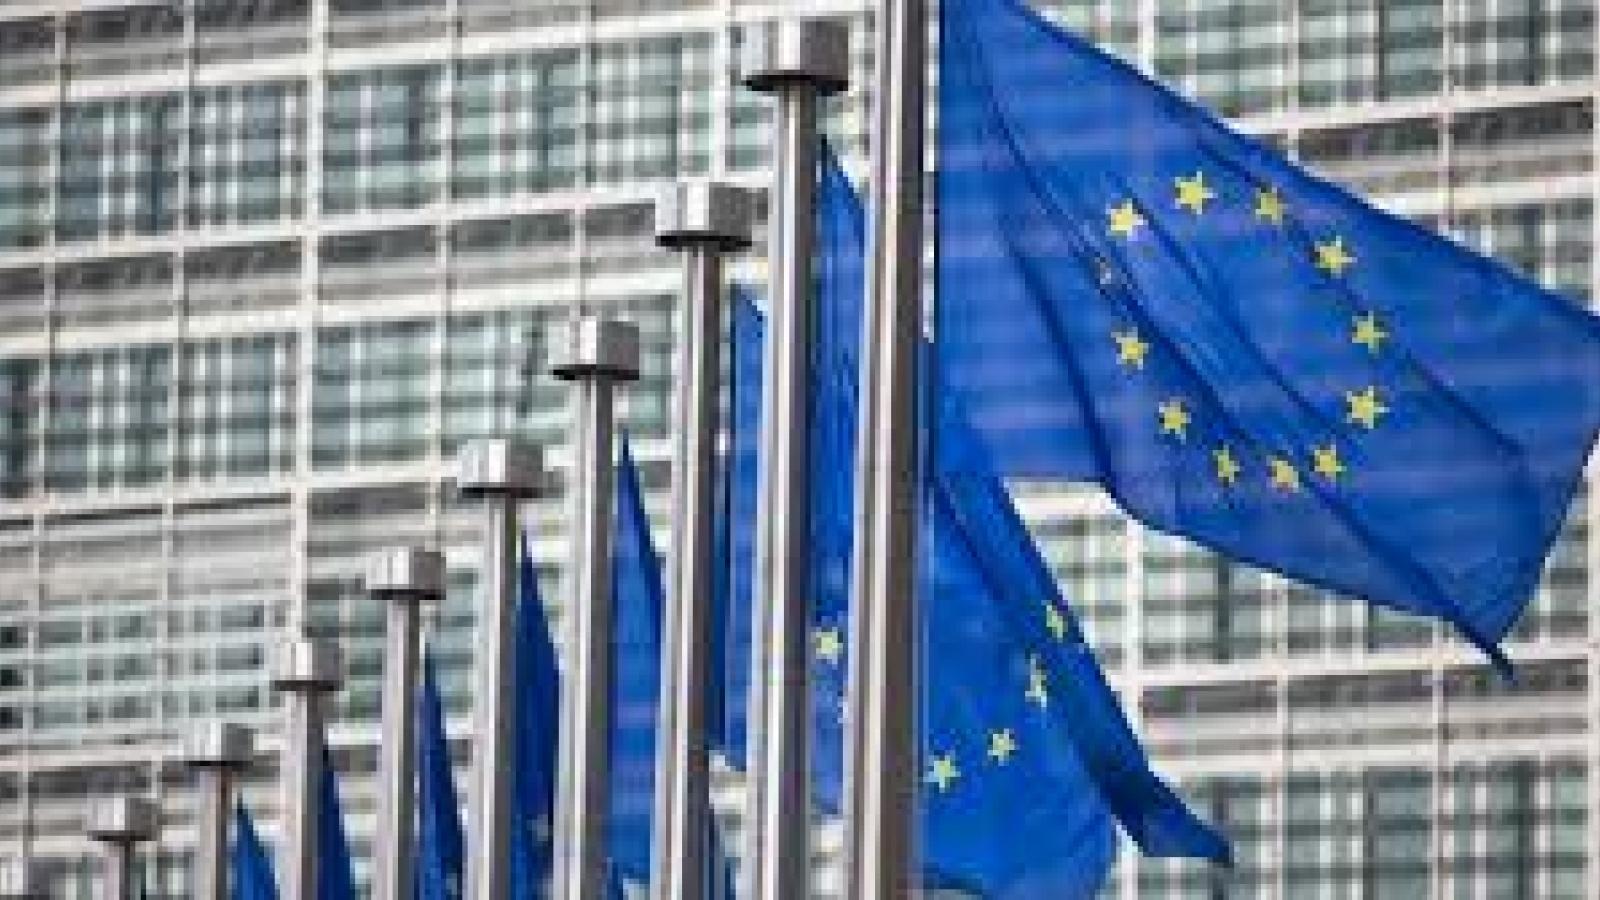 Ủy ban châu Âu phê duyệt viện trợ 15,3 triệu Euro cho các doanh nghiệp vận tải Bulgaria